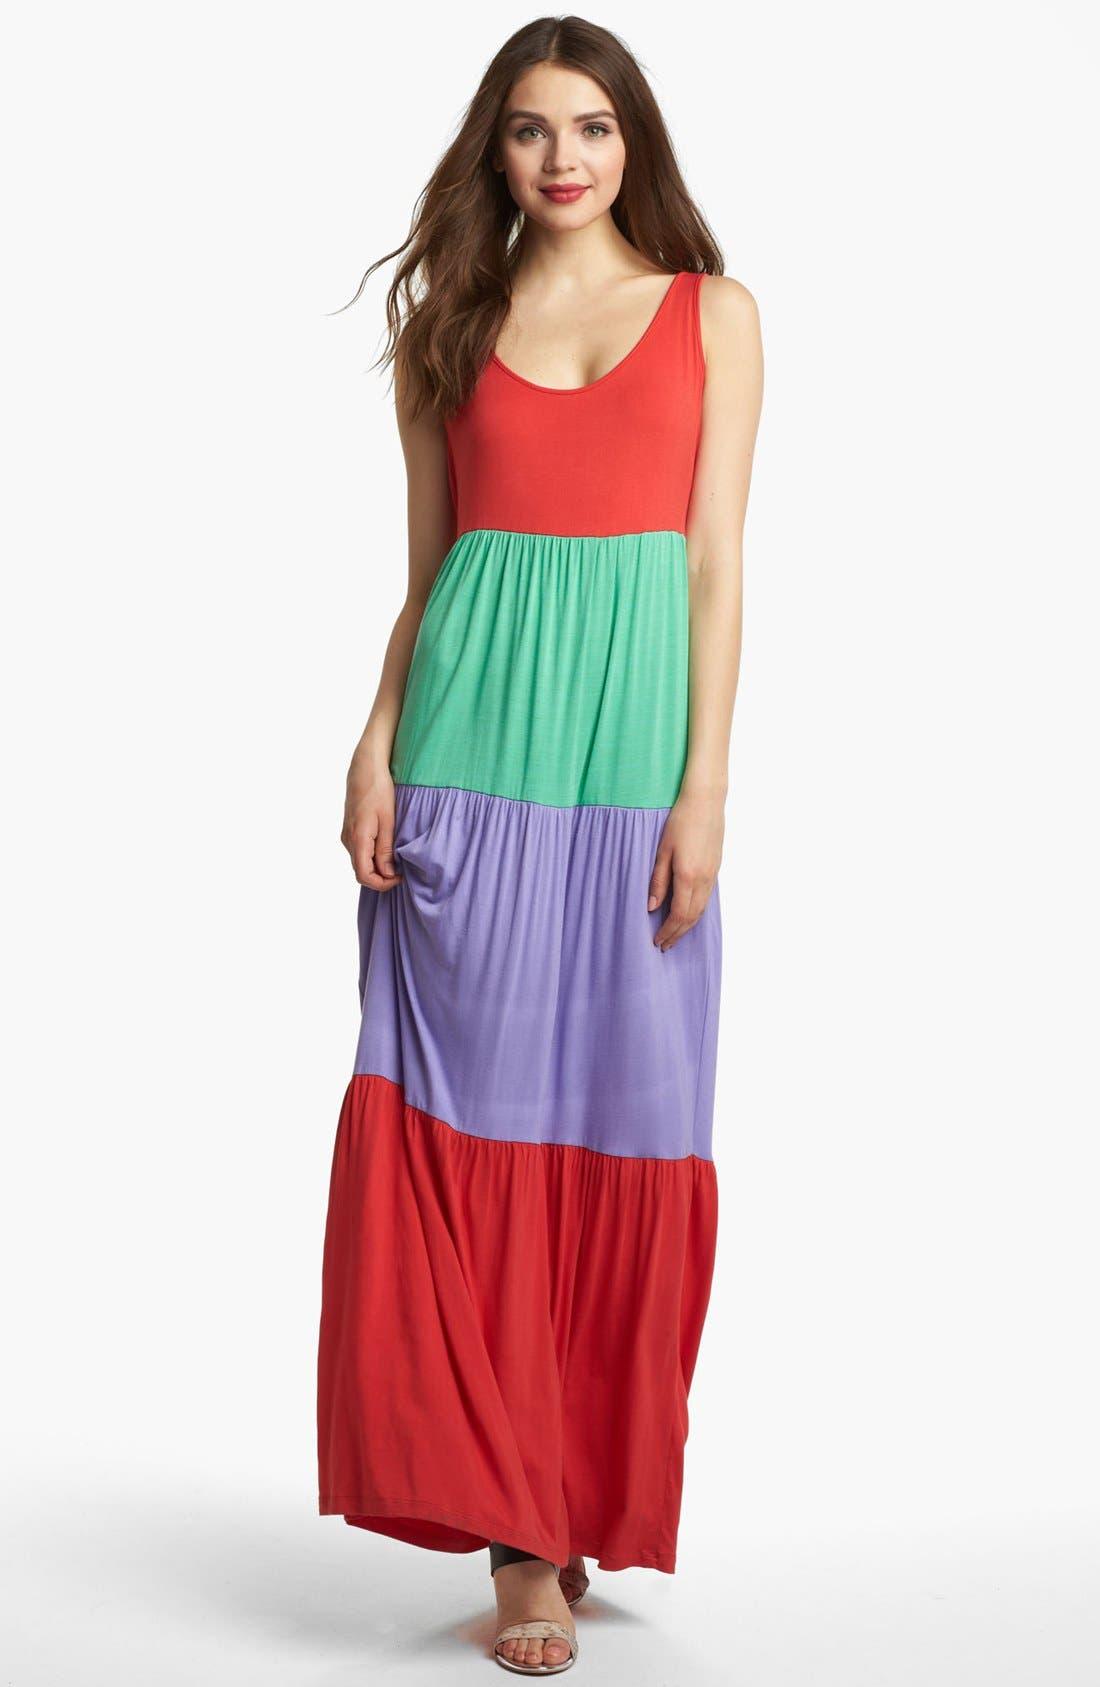 Alternate Image 1 Selected - Kensie Colorblock Maxi Dress